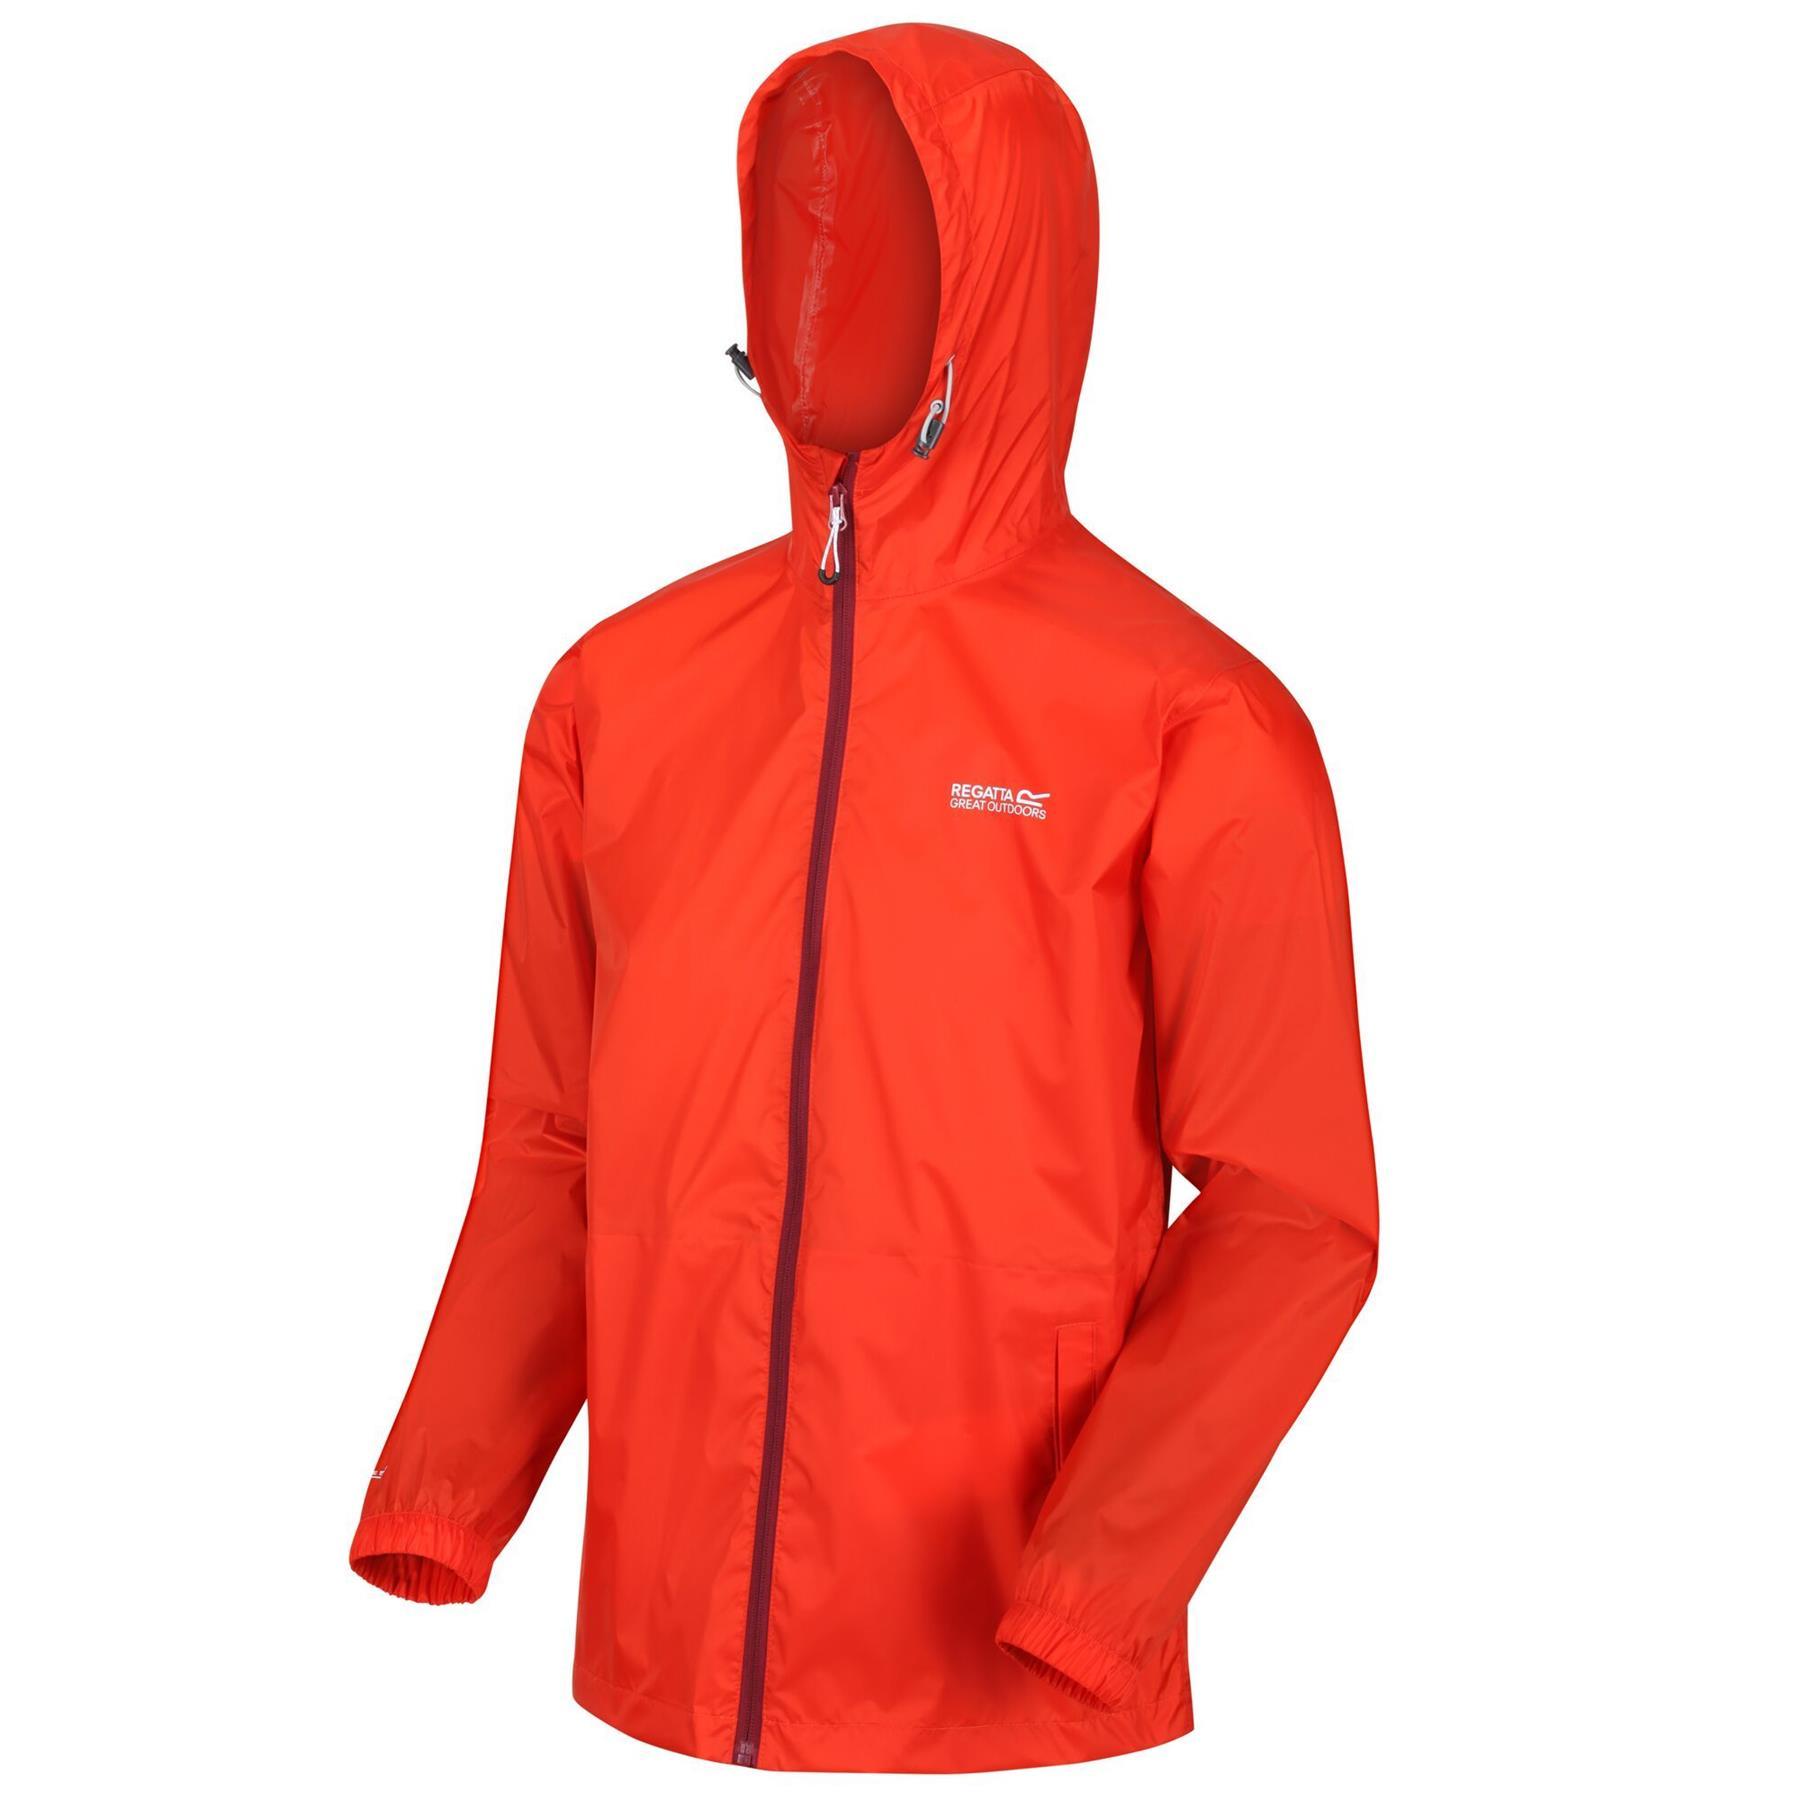 miniatuur 18 - Regatta Mens Pack-it In a bag Packable Waterproof Jacket Outdoor Pack a mac